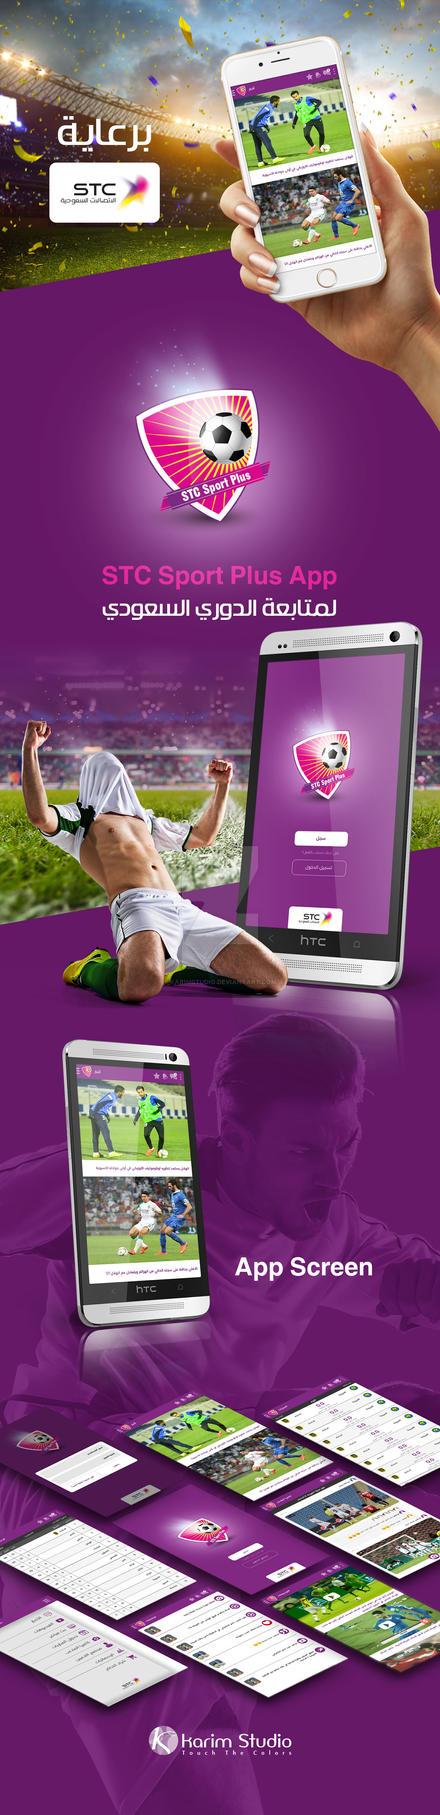 STC Sport Plus | UI/UX Mobile app by KarimStudio